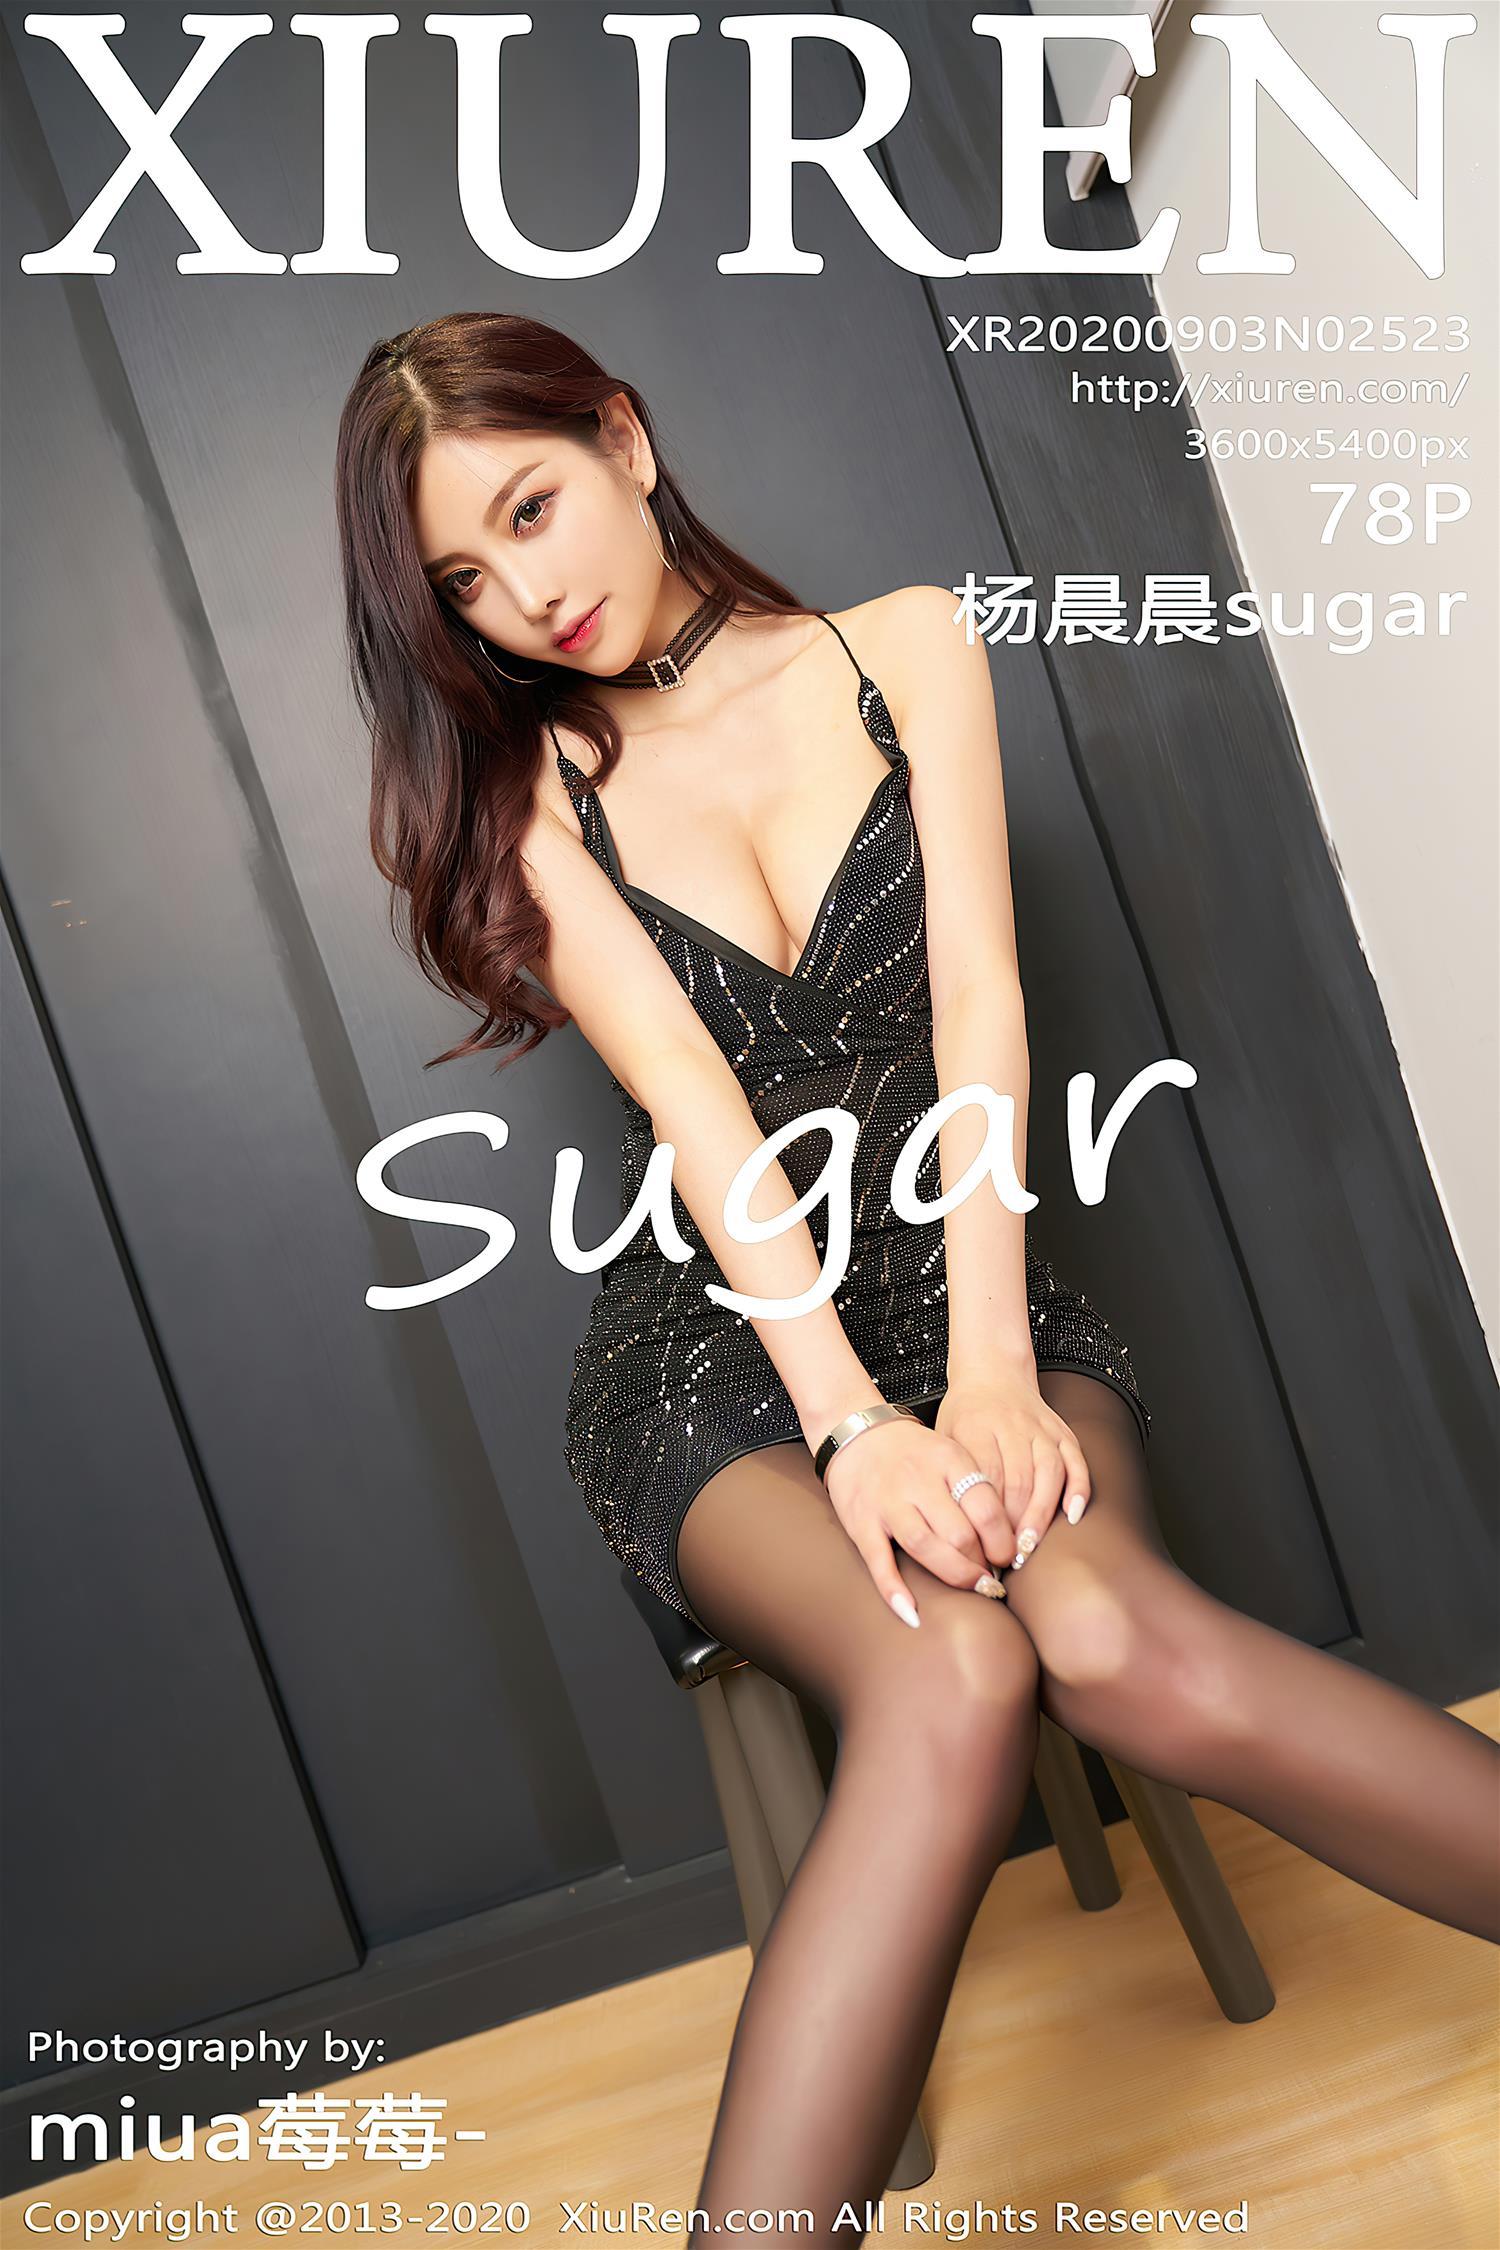 [XiuRen秀人网] 2020.09.03 NO.2523 杨晨晨sugar [79P]